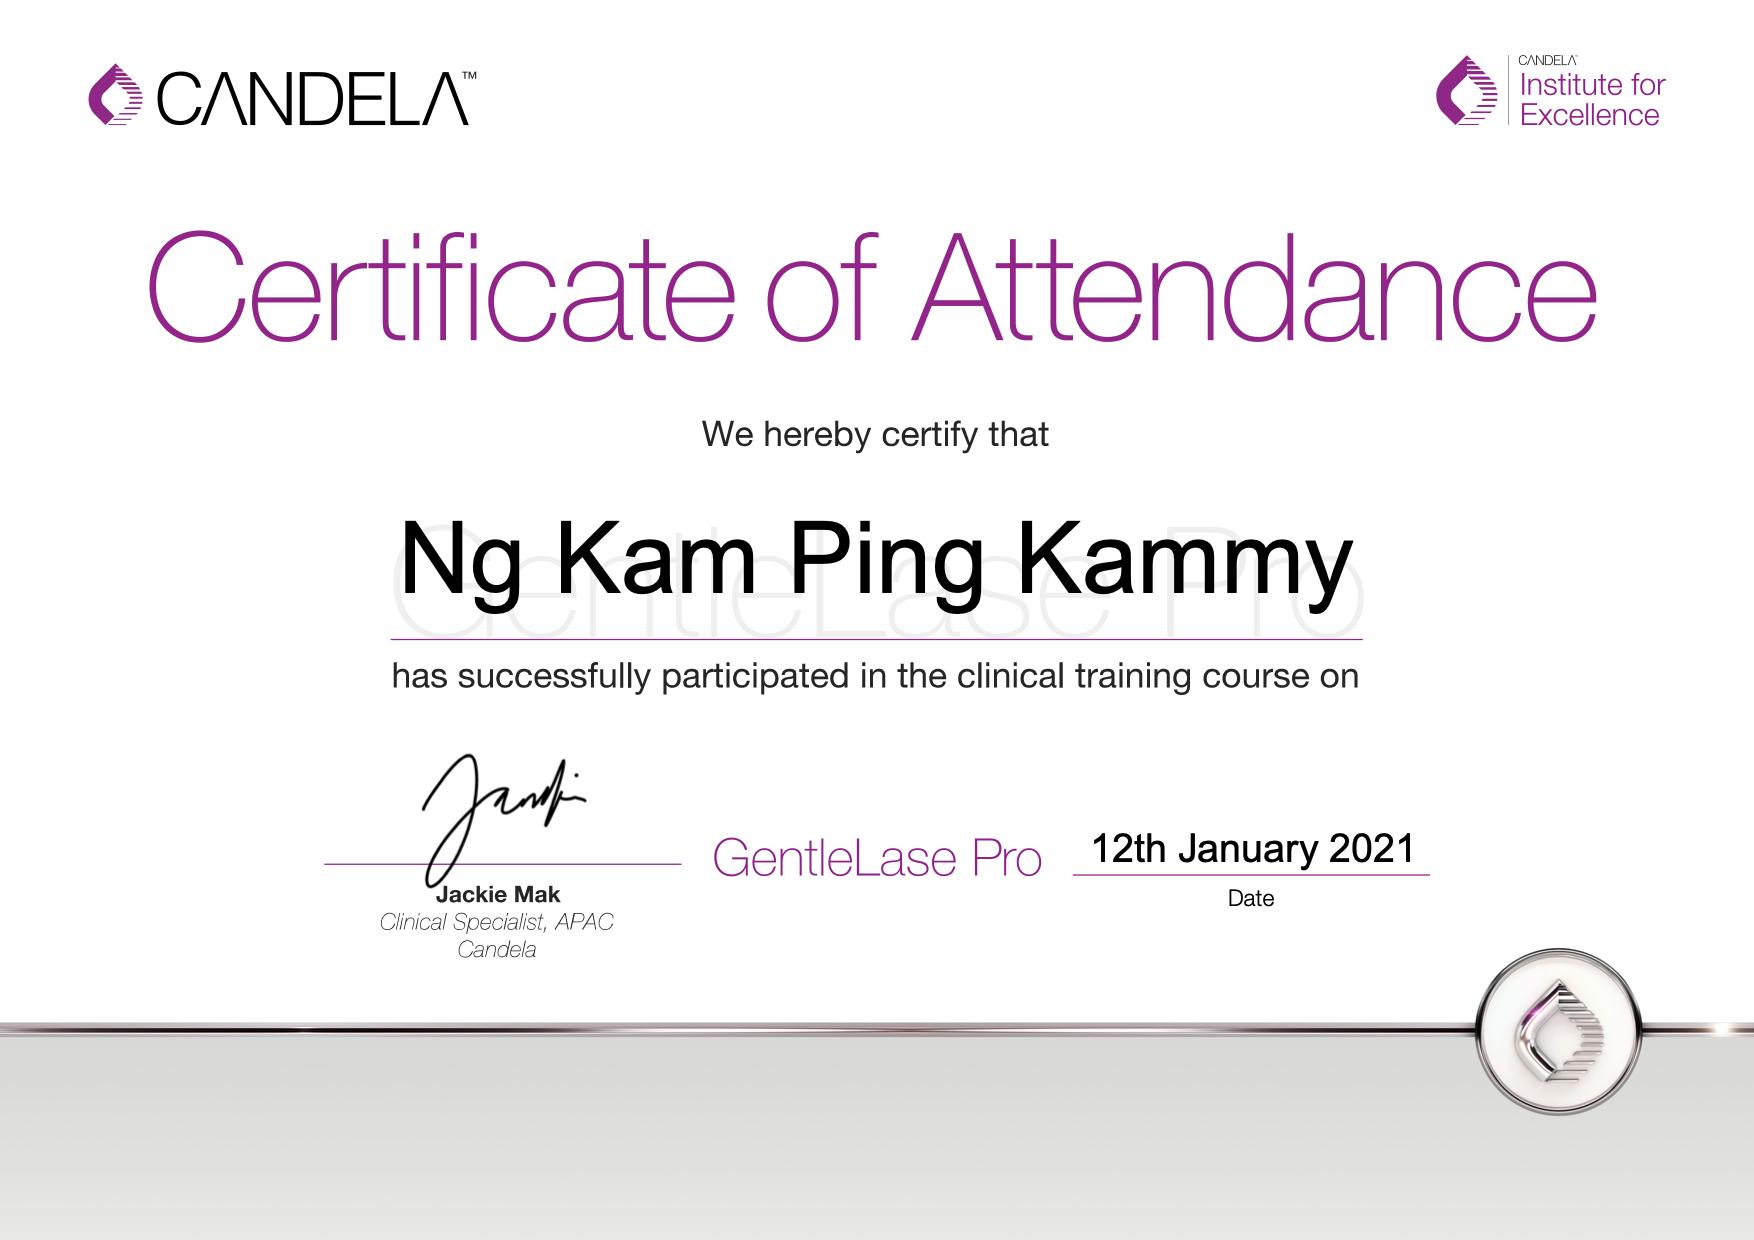 GentleLase_Pro_Certifcate_NgKamPingKammy(Yanis)